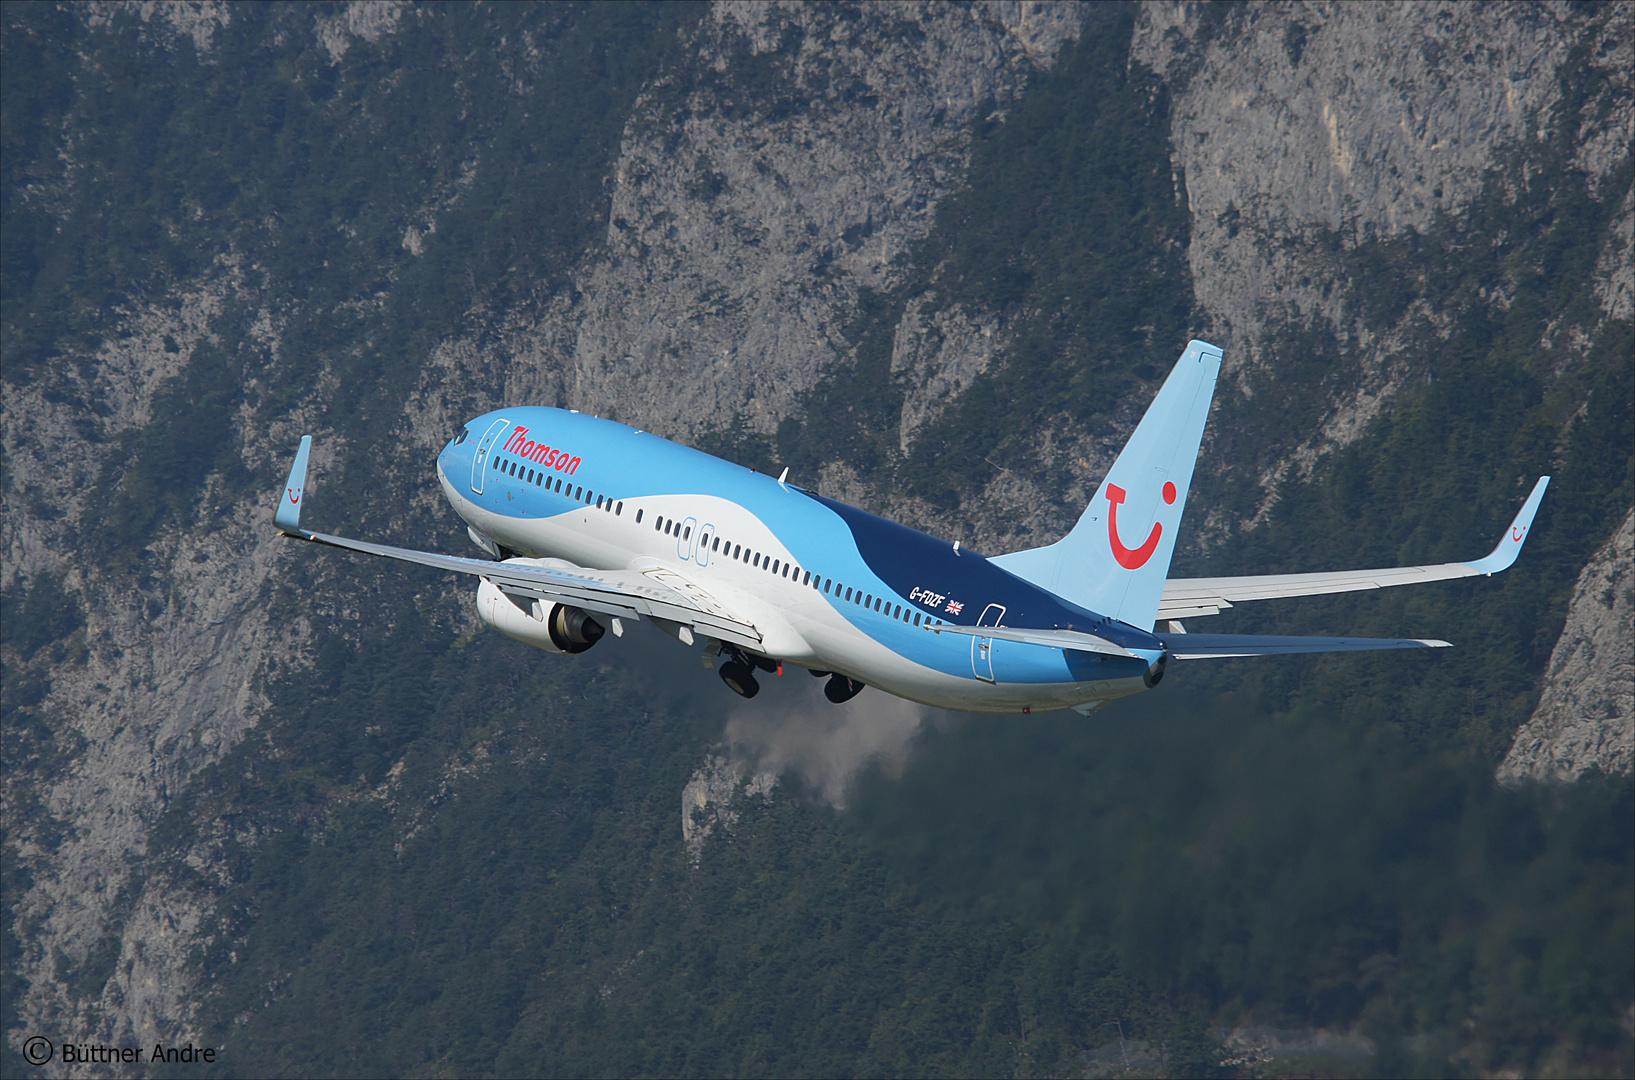 Thomson Airways Boeing 737-8k5